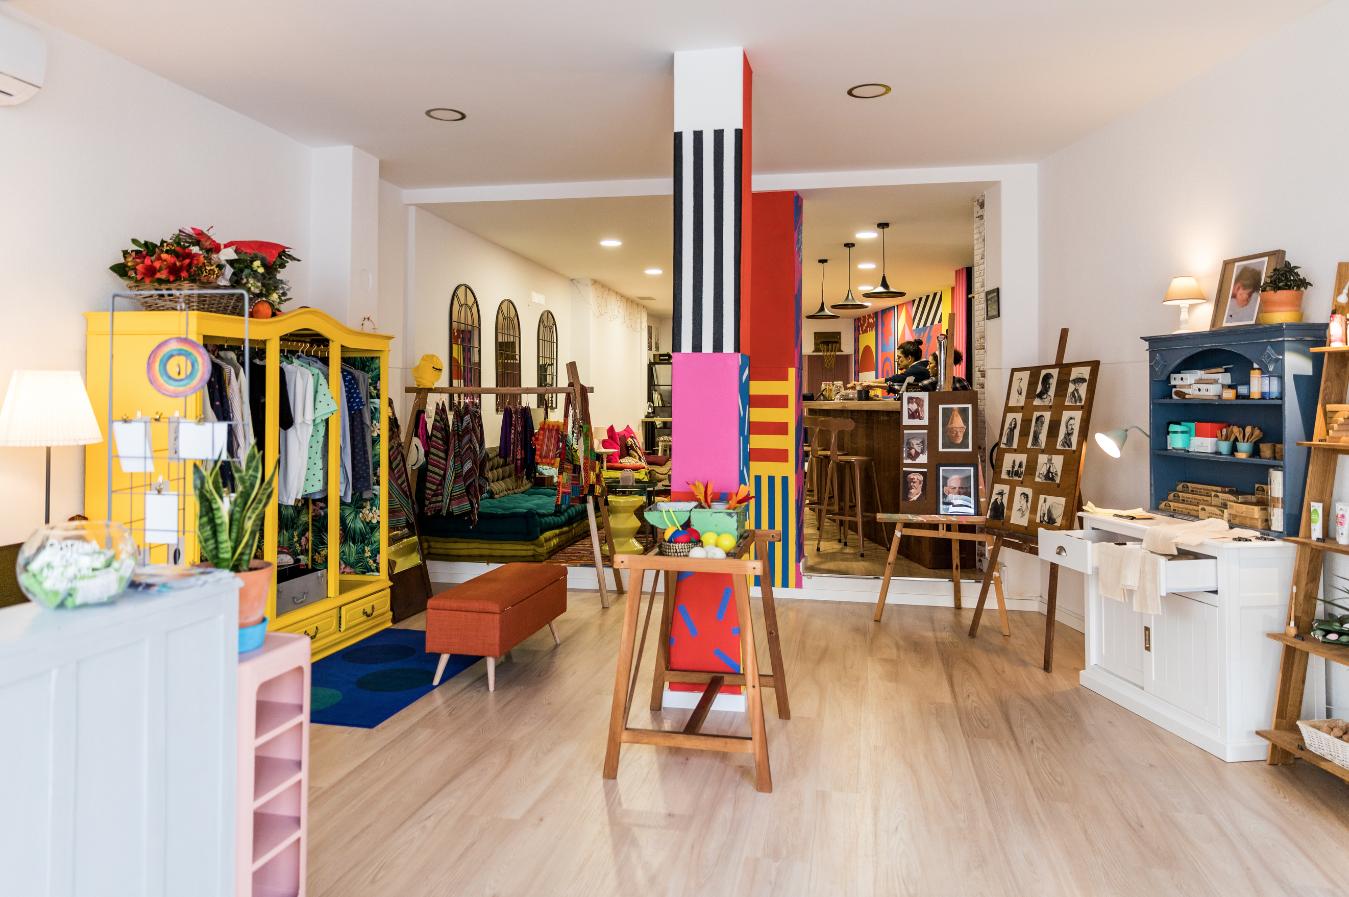 Homies Local Joint: o novo espaço de Santa Apolónia onde jogos e produtos sustentáveis se misturam